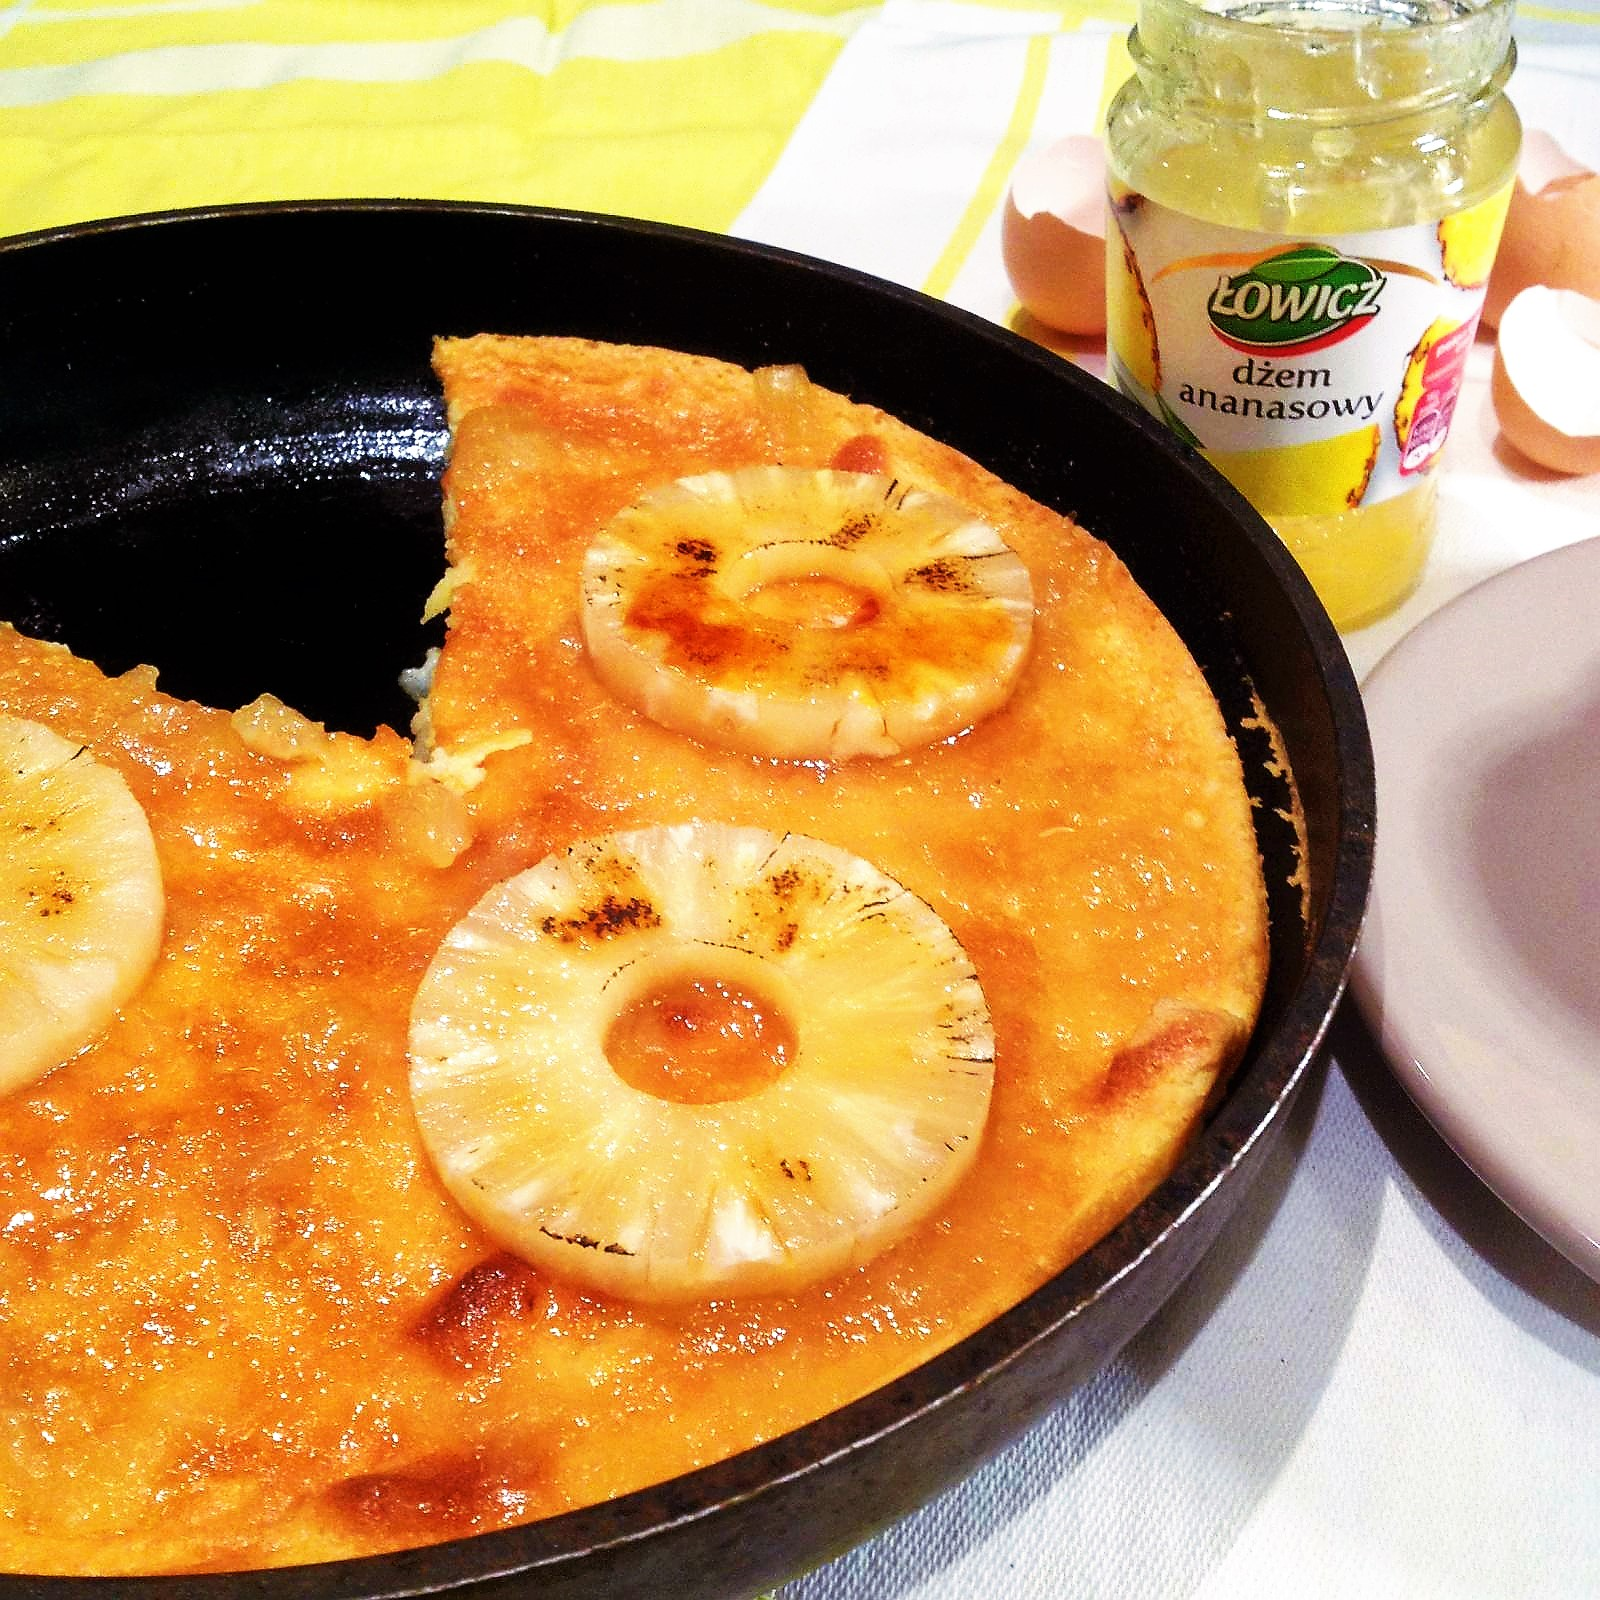 Puszysty, podwójnie ananasowy omlet z mascarpone.